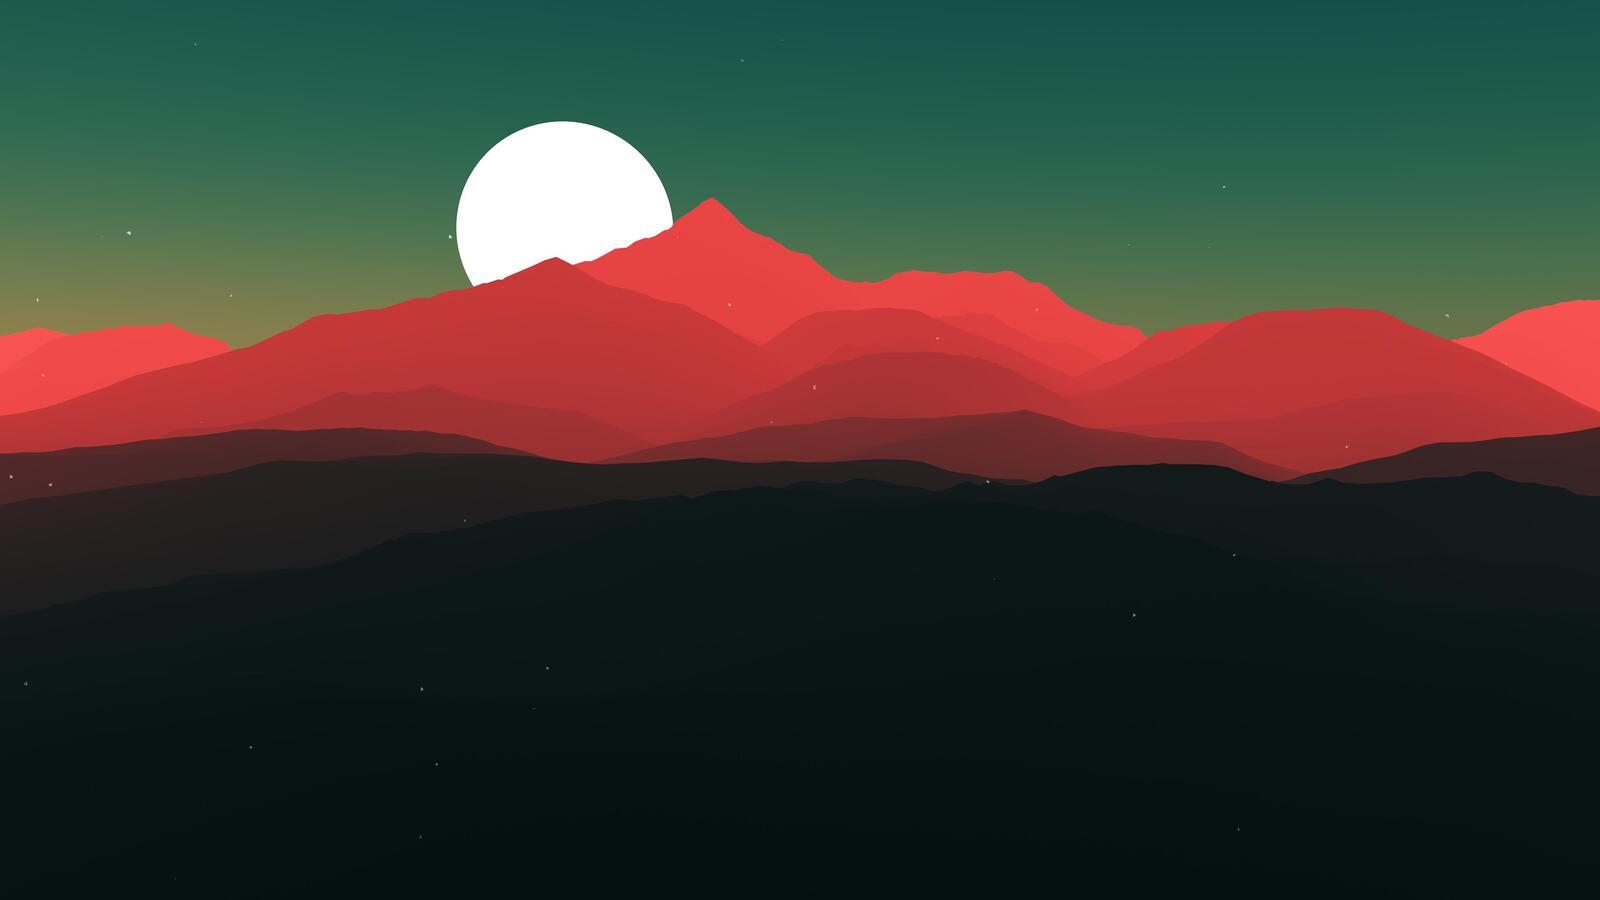 1600x900 minimalist landscape 4k 1600x900 resolution hd 4k